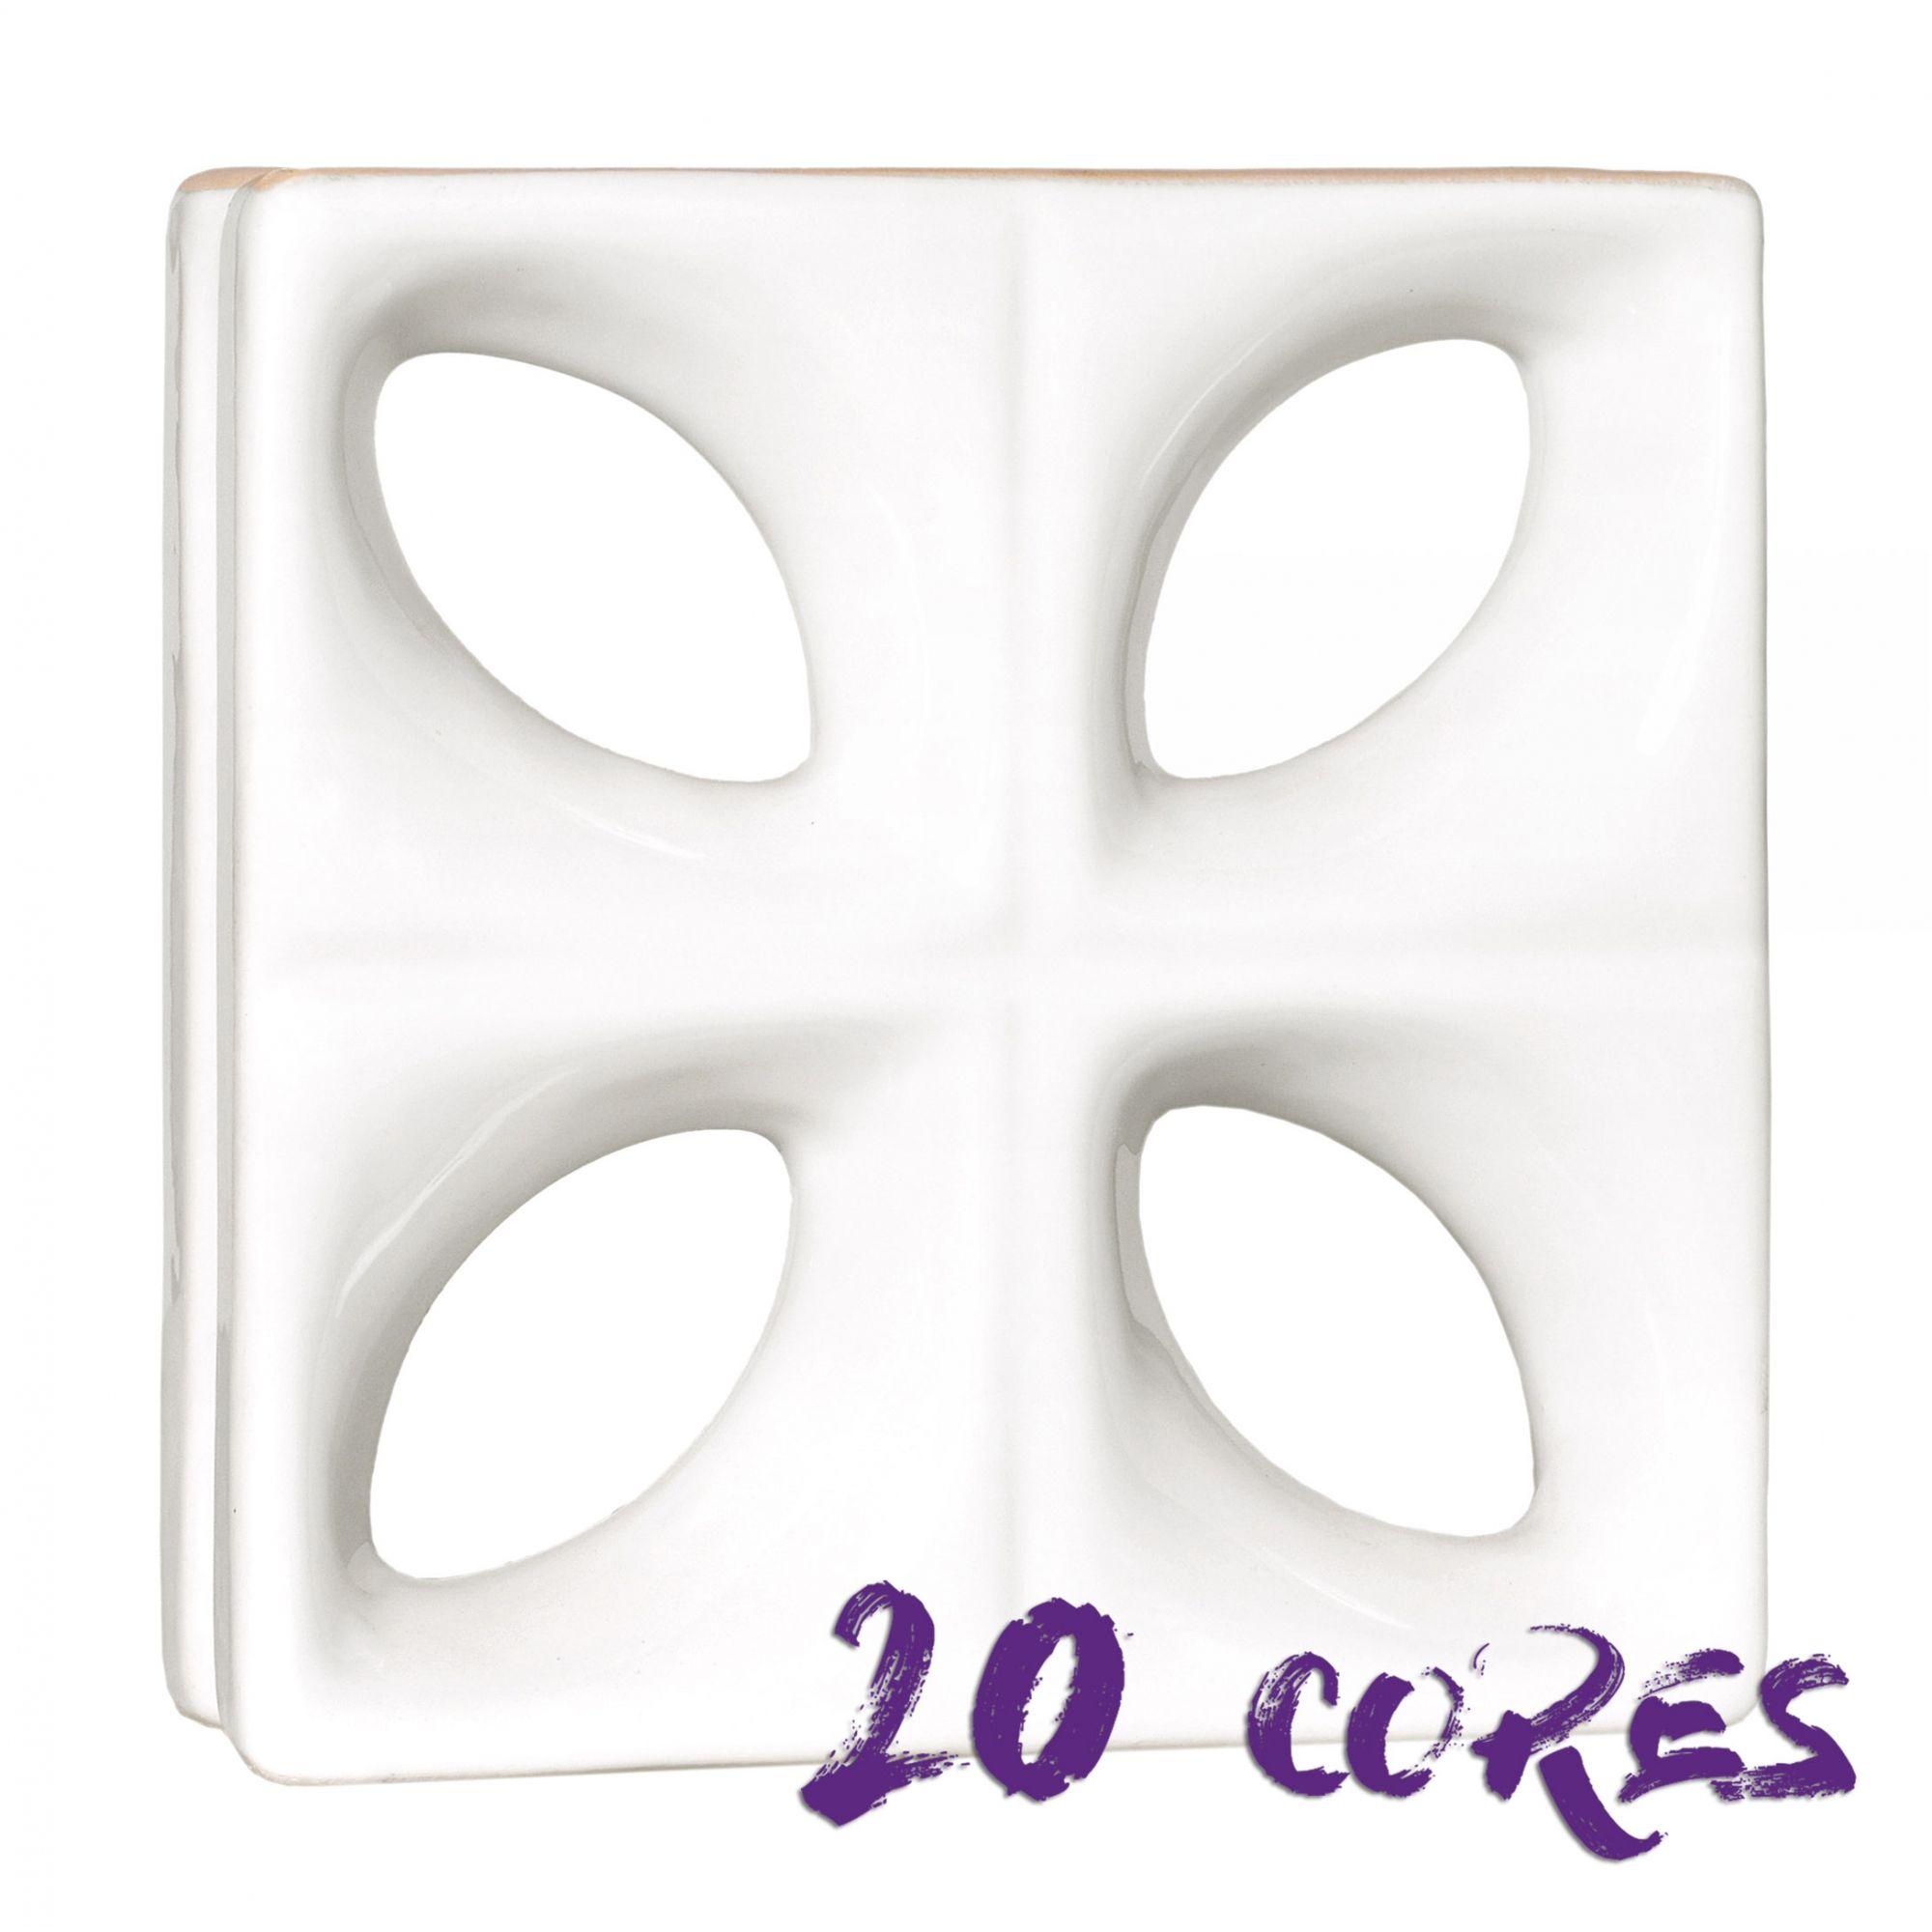 Cobogó Folha - 20 cores - 25x25 cm